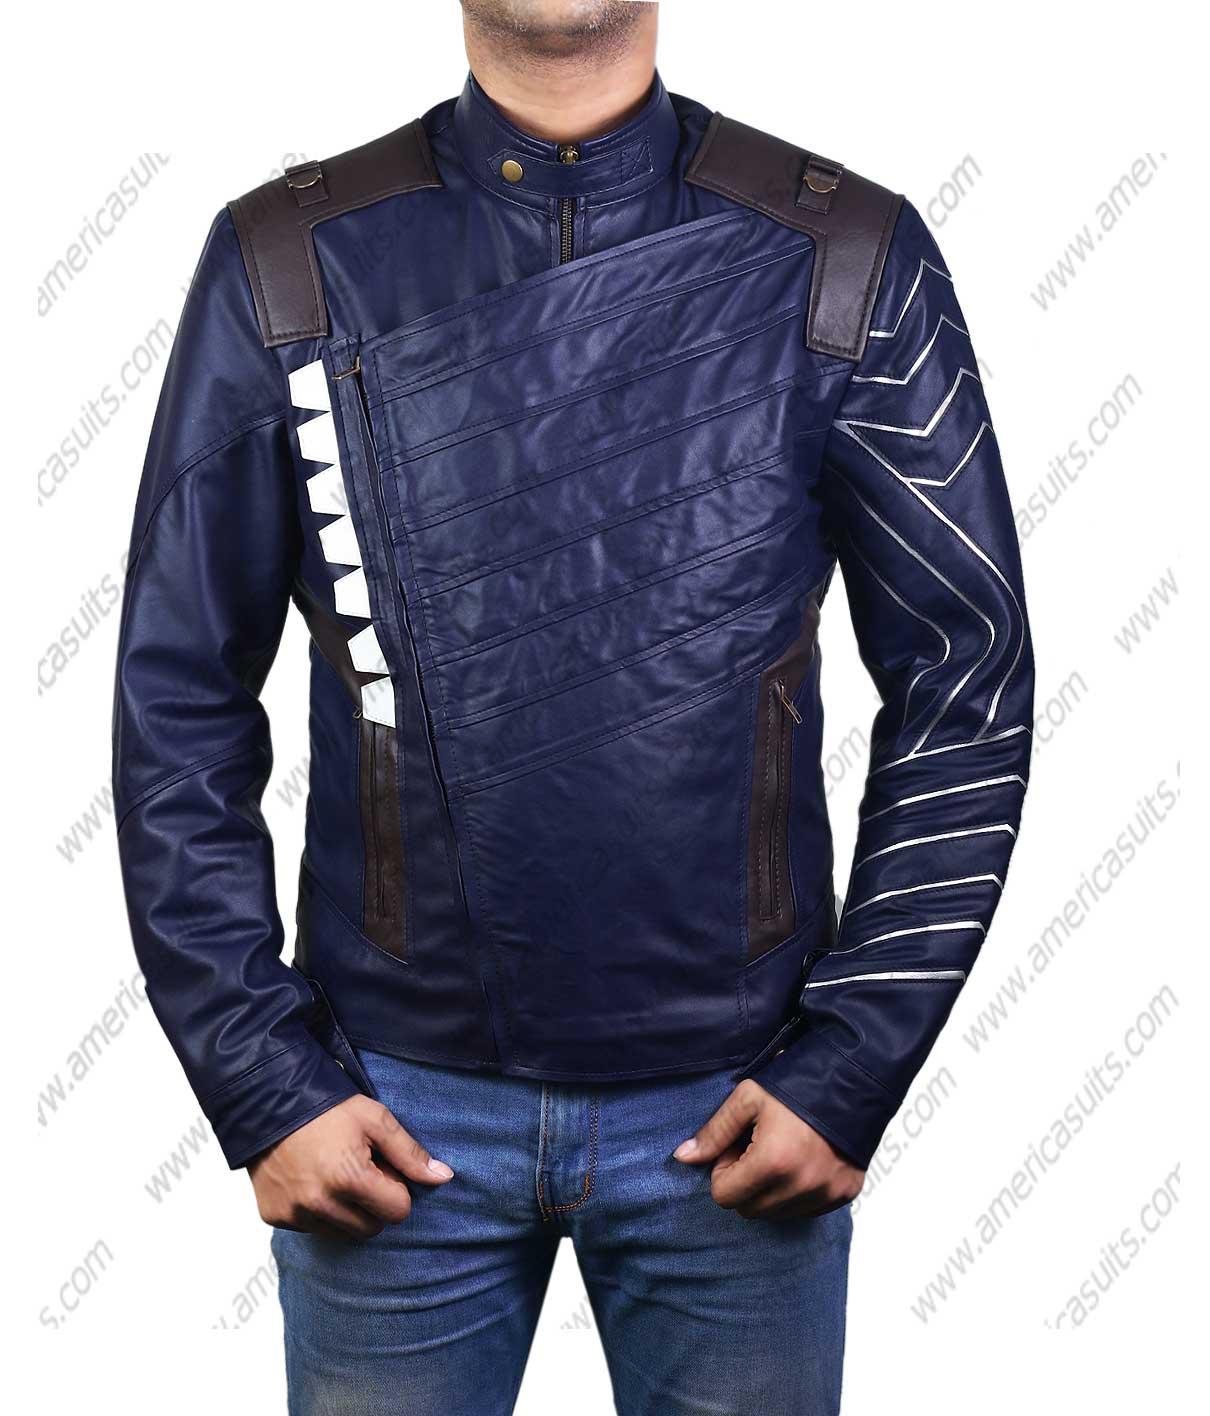 new-bucky-barnes-avengers-winter-soldier-jacket